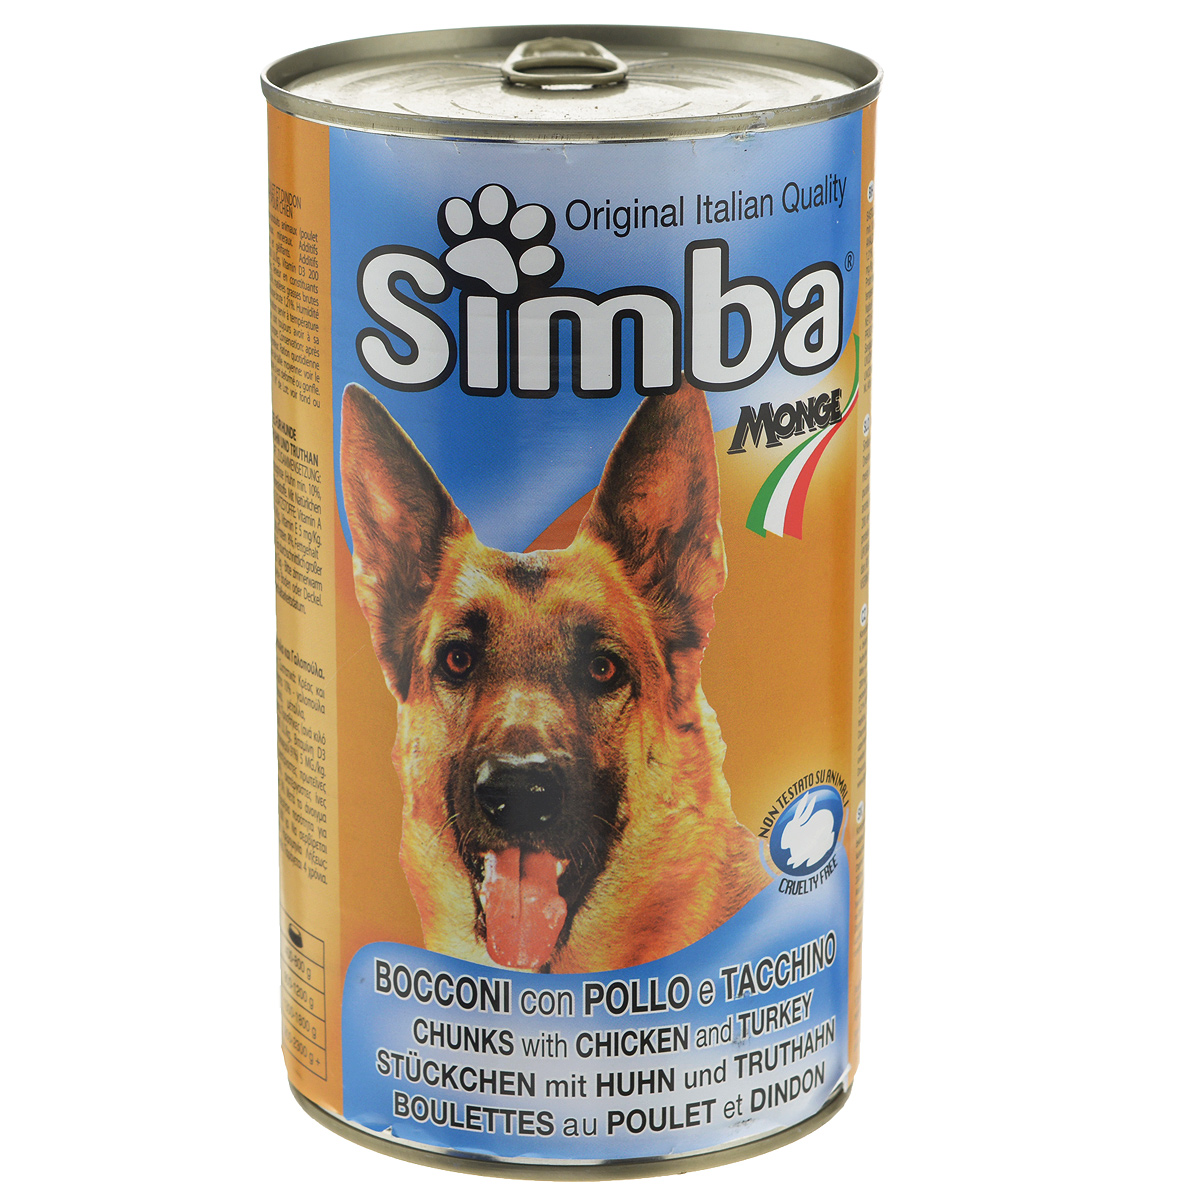 Консервы для собак Monge Simba, кусочки с курицей и индейкой, 1230 г70009133Консервы для собак Monge Simba - это полноценный сбалансированный корм для собак. Кусочки с курицей и индейкой в соусе. Ежедневная норма для собаки среднего размера - 800 г.Состав: мясо домашней птицы и мясные субпродукты (цыпленок не менее 14%, индейка не менее 10%), злаки, минеральные вещества, витамины, натуральные красители и вкусовые добавки. Анализ компонентов: протеин 8%, жир 6%, клетчатка 1,21%, зола 3%, влажность 80%.Витамины и добавки на 1 кг: витамин А 2000 МЕ, витамин D3 200 МЕ, витамин Е 5 мг. Товар сертифицирован.